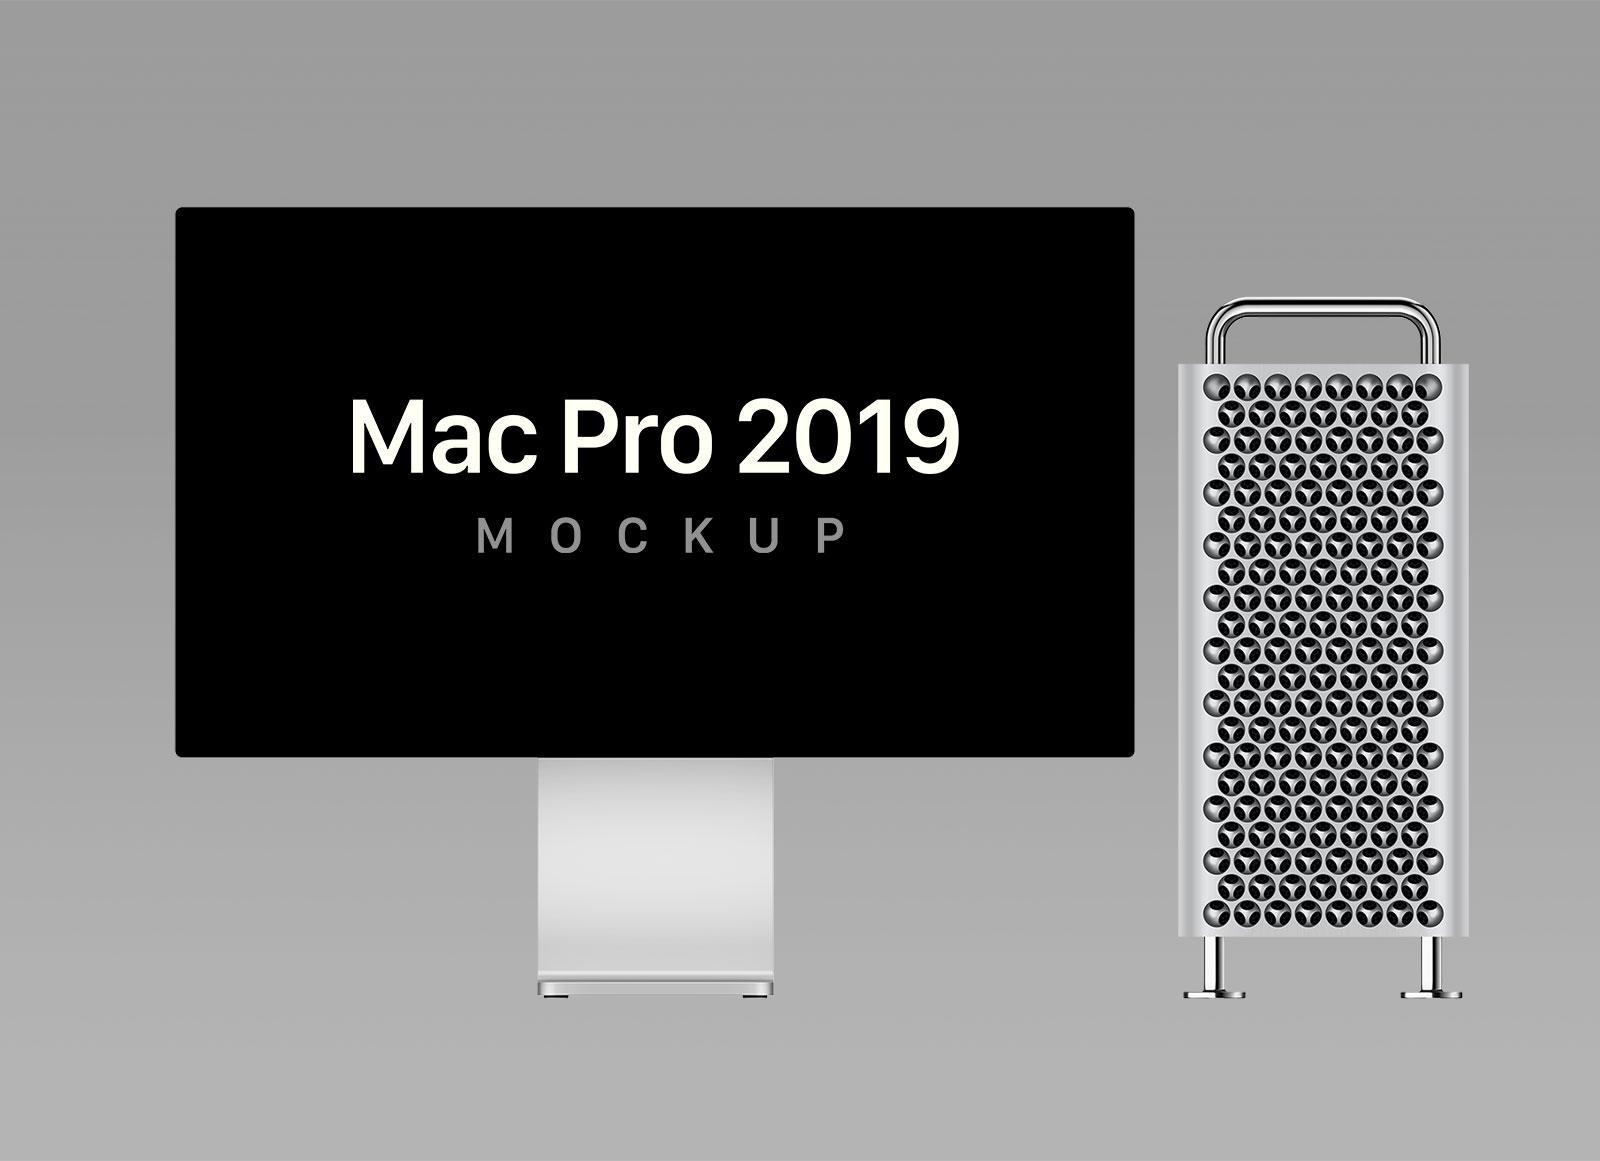 Free-Mac-Pro-2019-Mockup-PSD-File